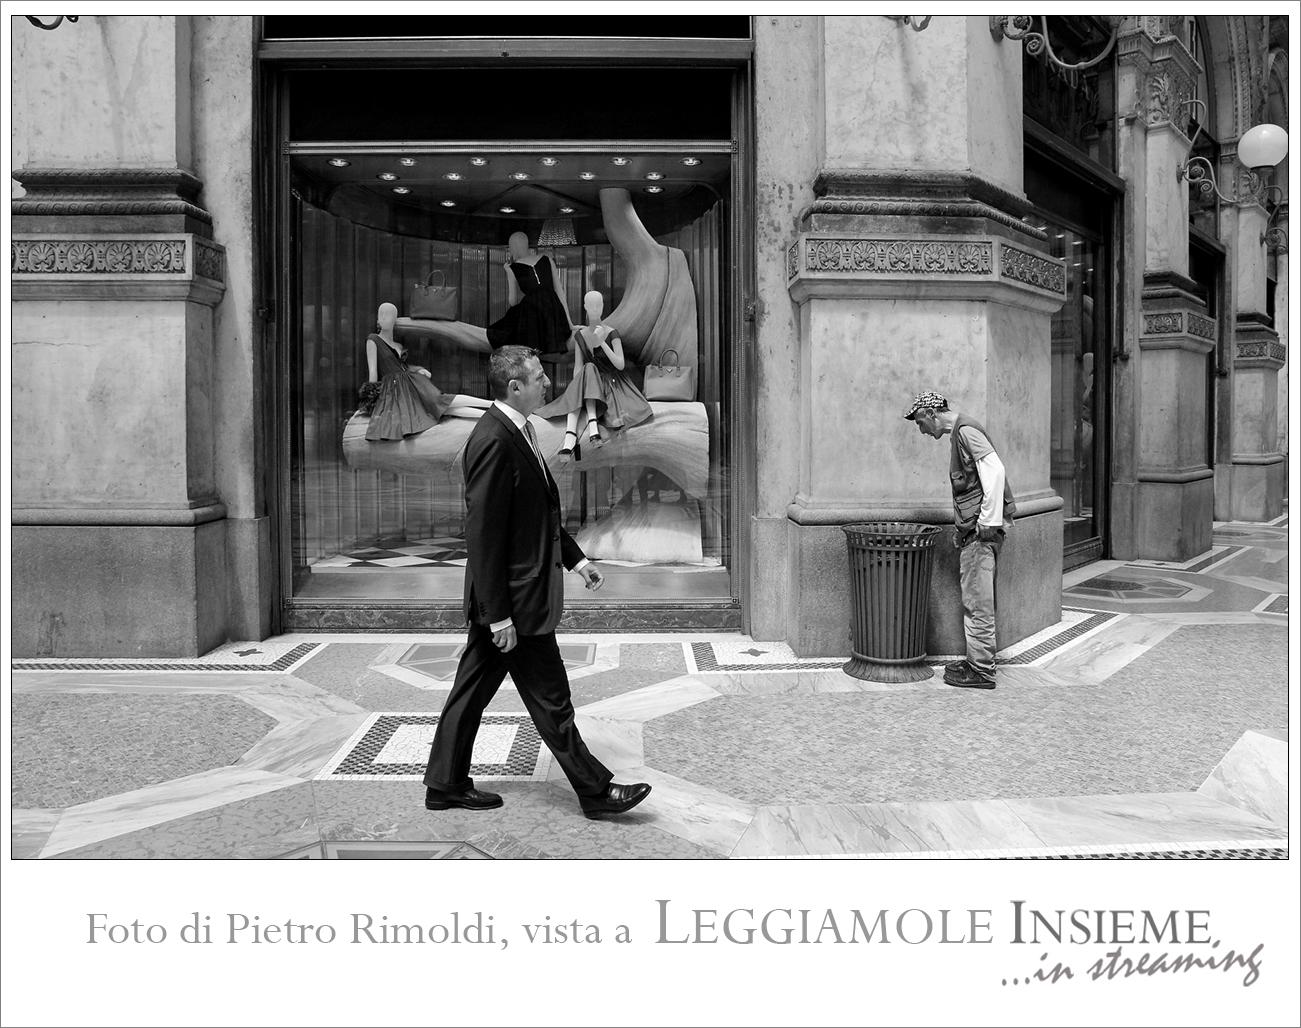 Pietro Rimoldi